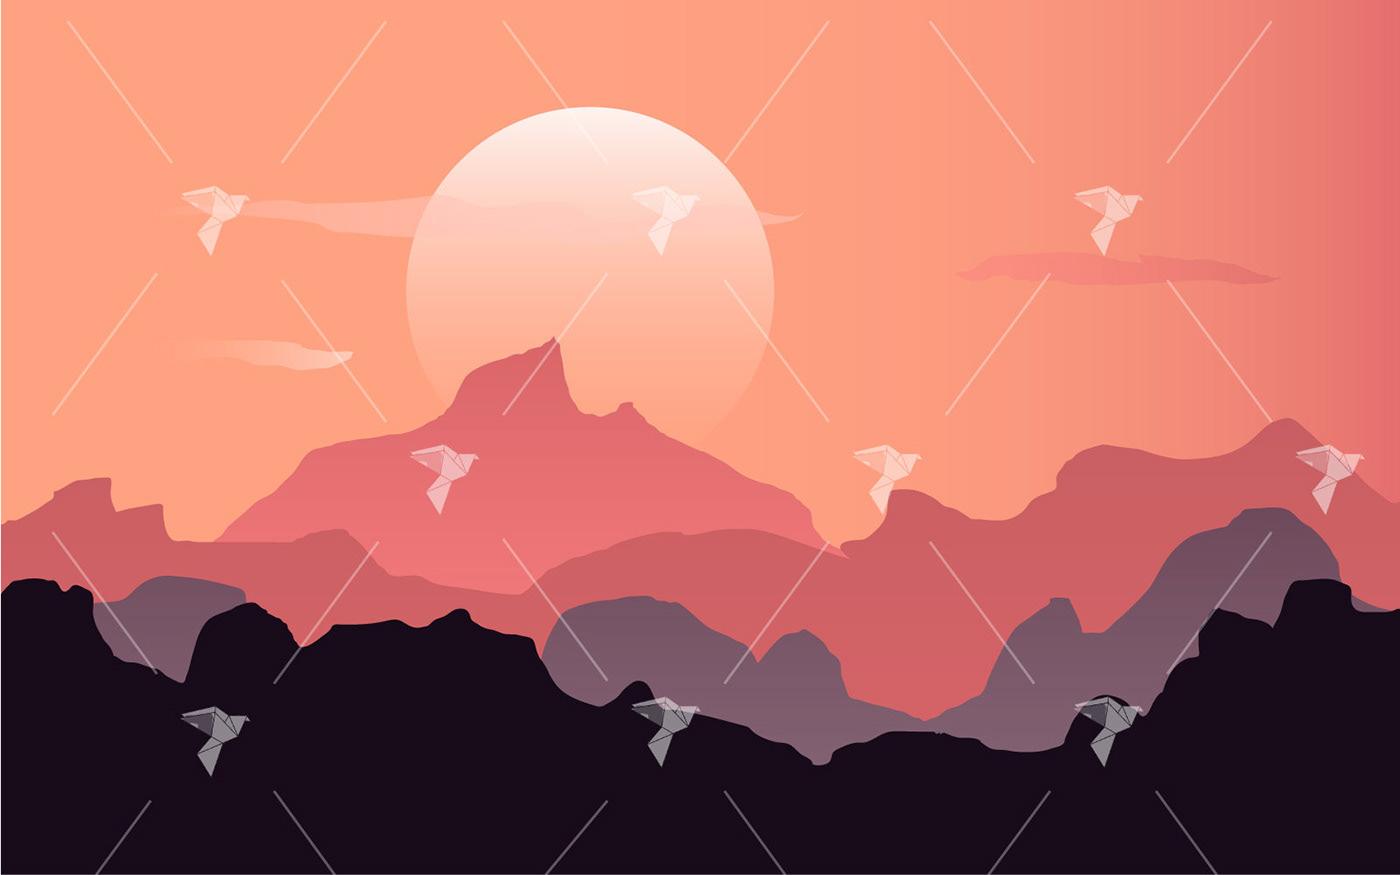 illustator ILLUSTRATION  mountain scene Sun sunset view